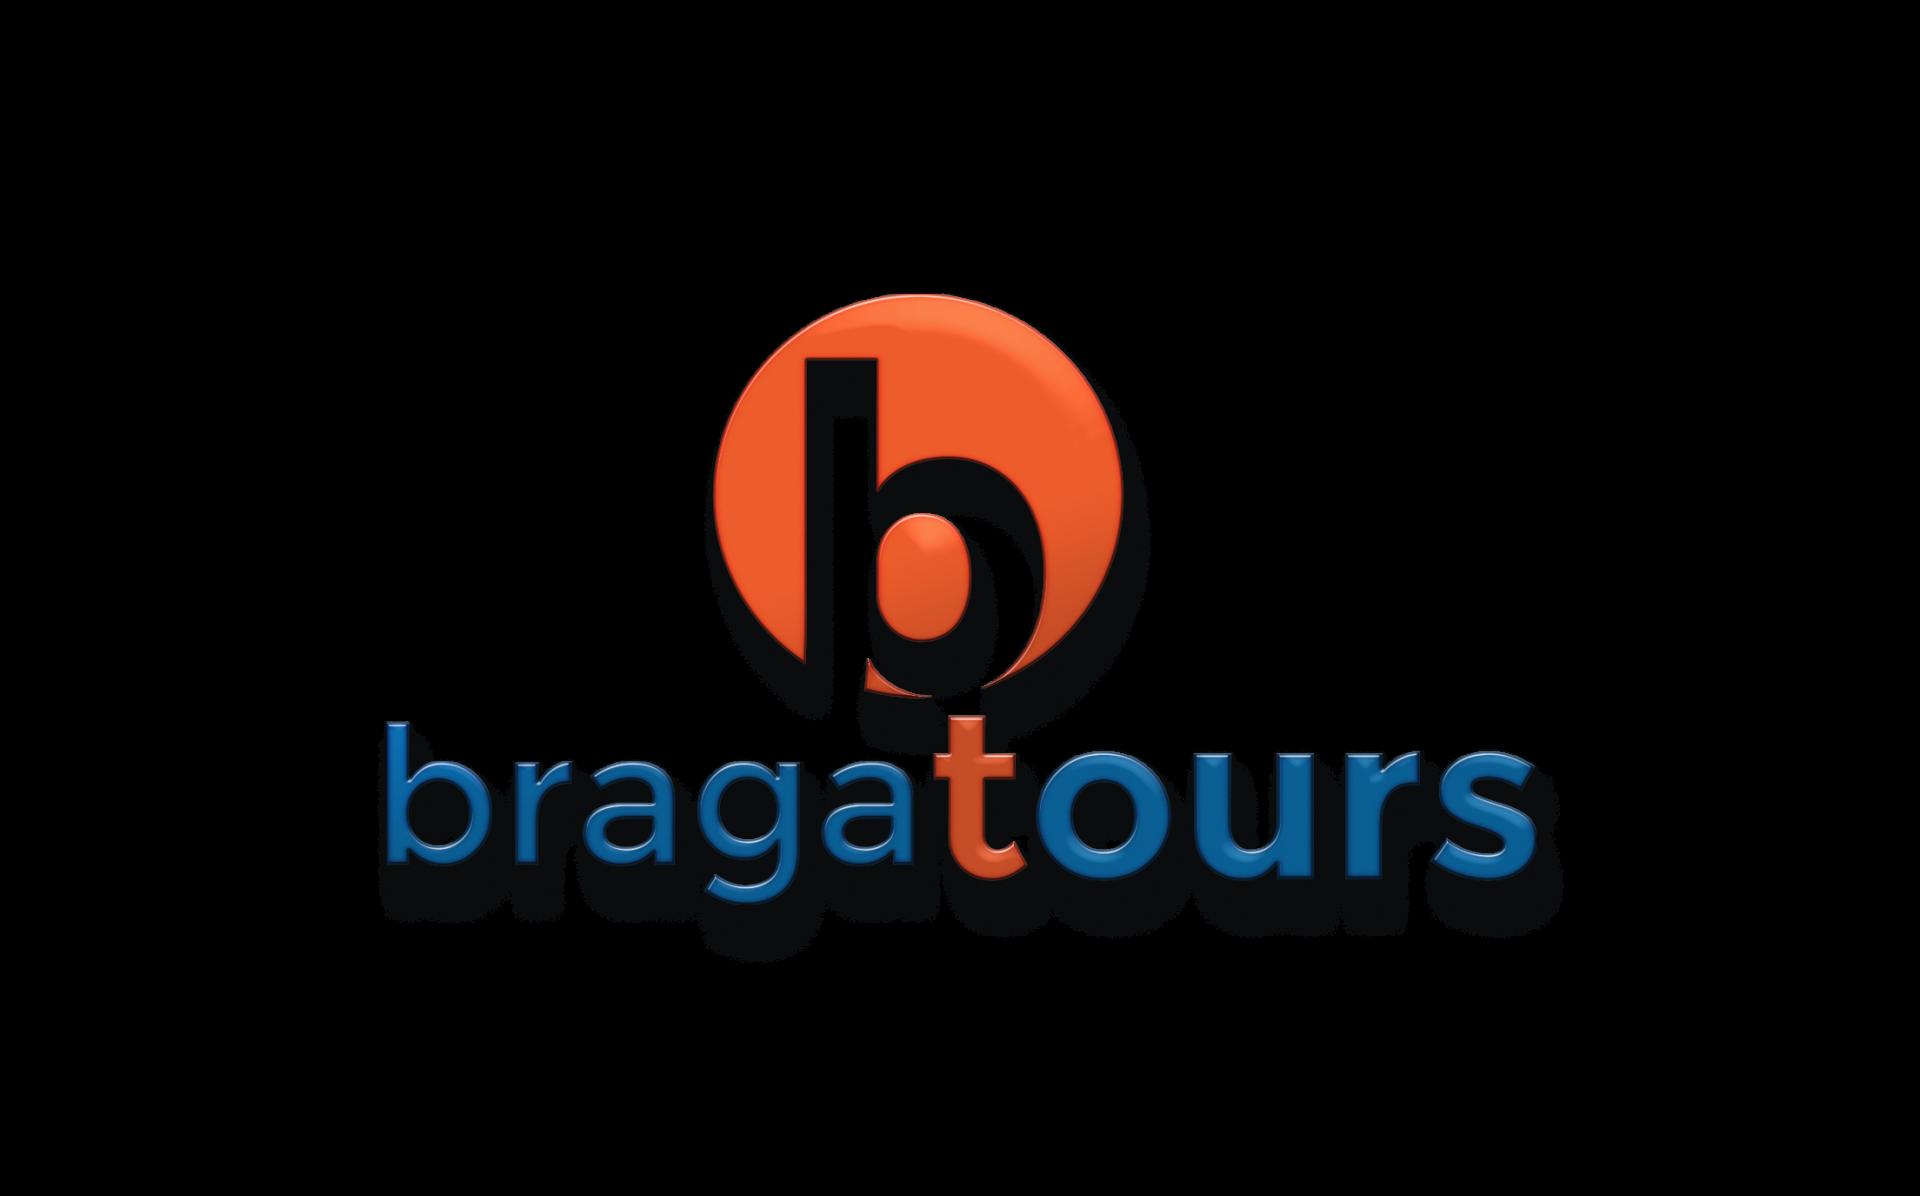 BragaTours